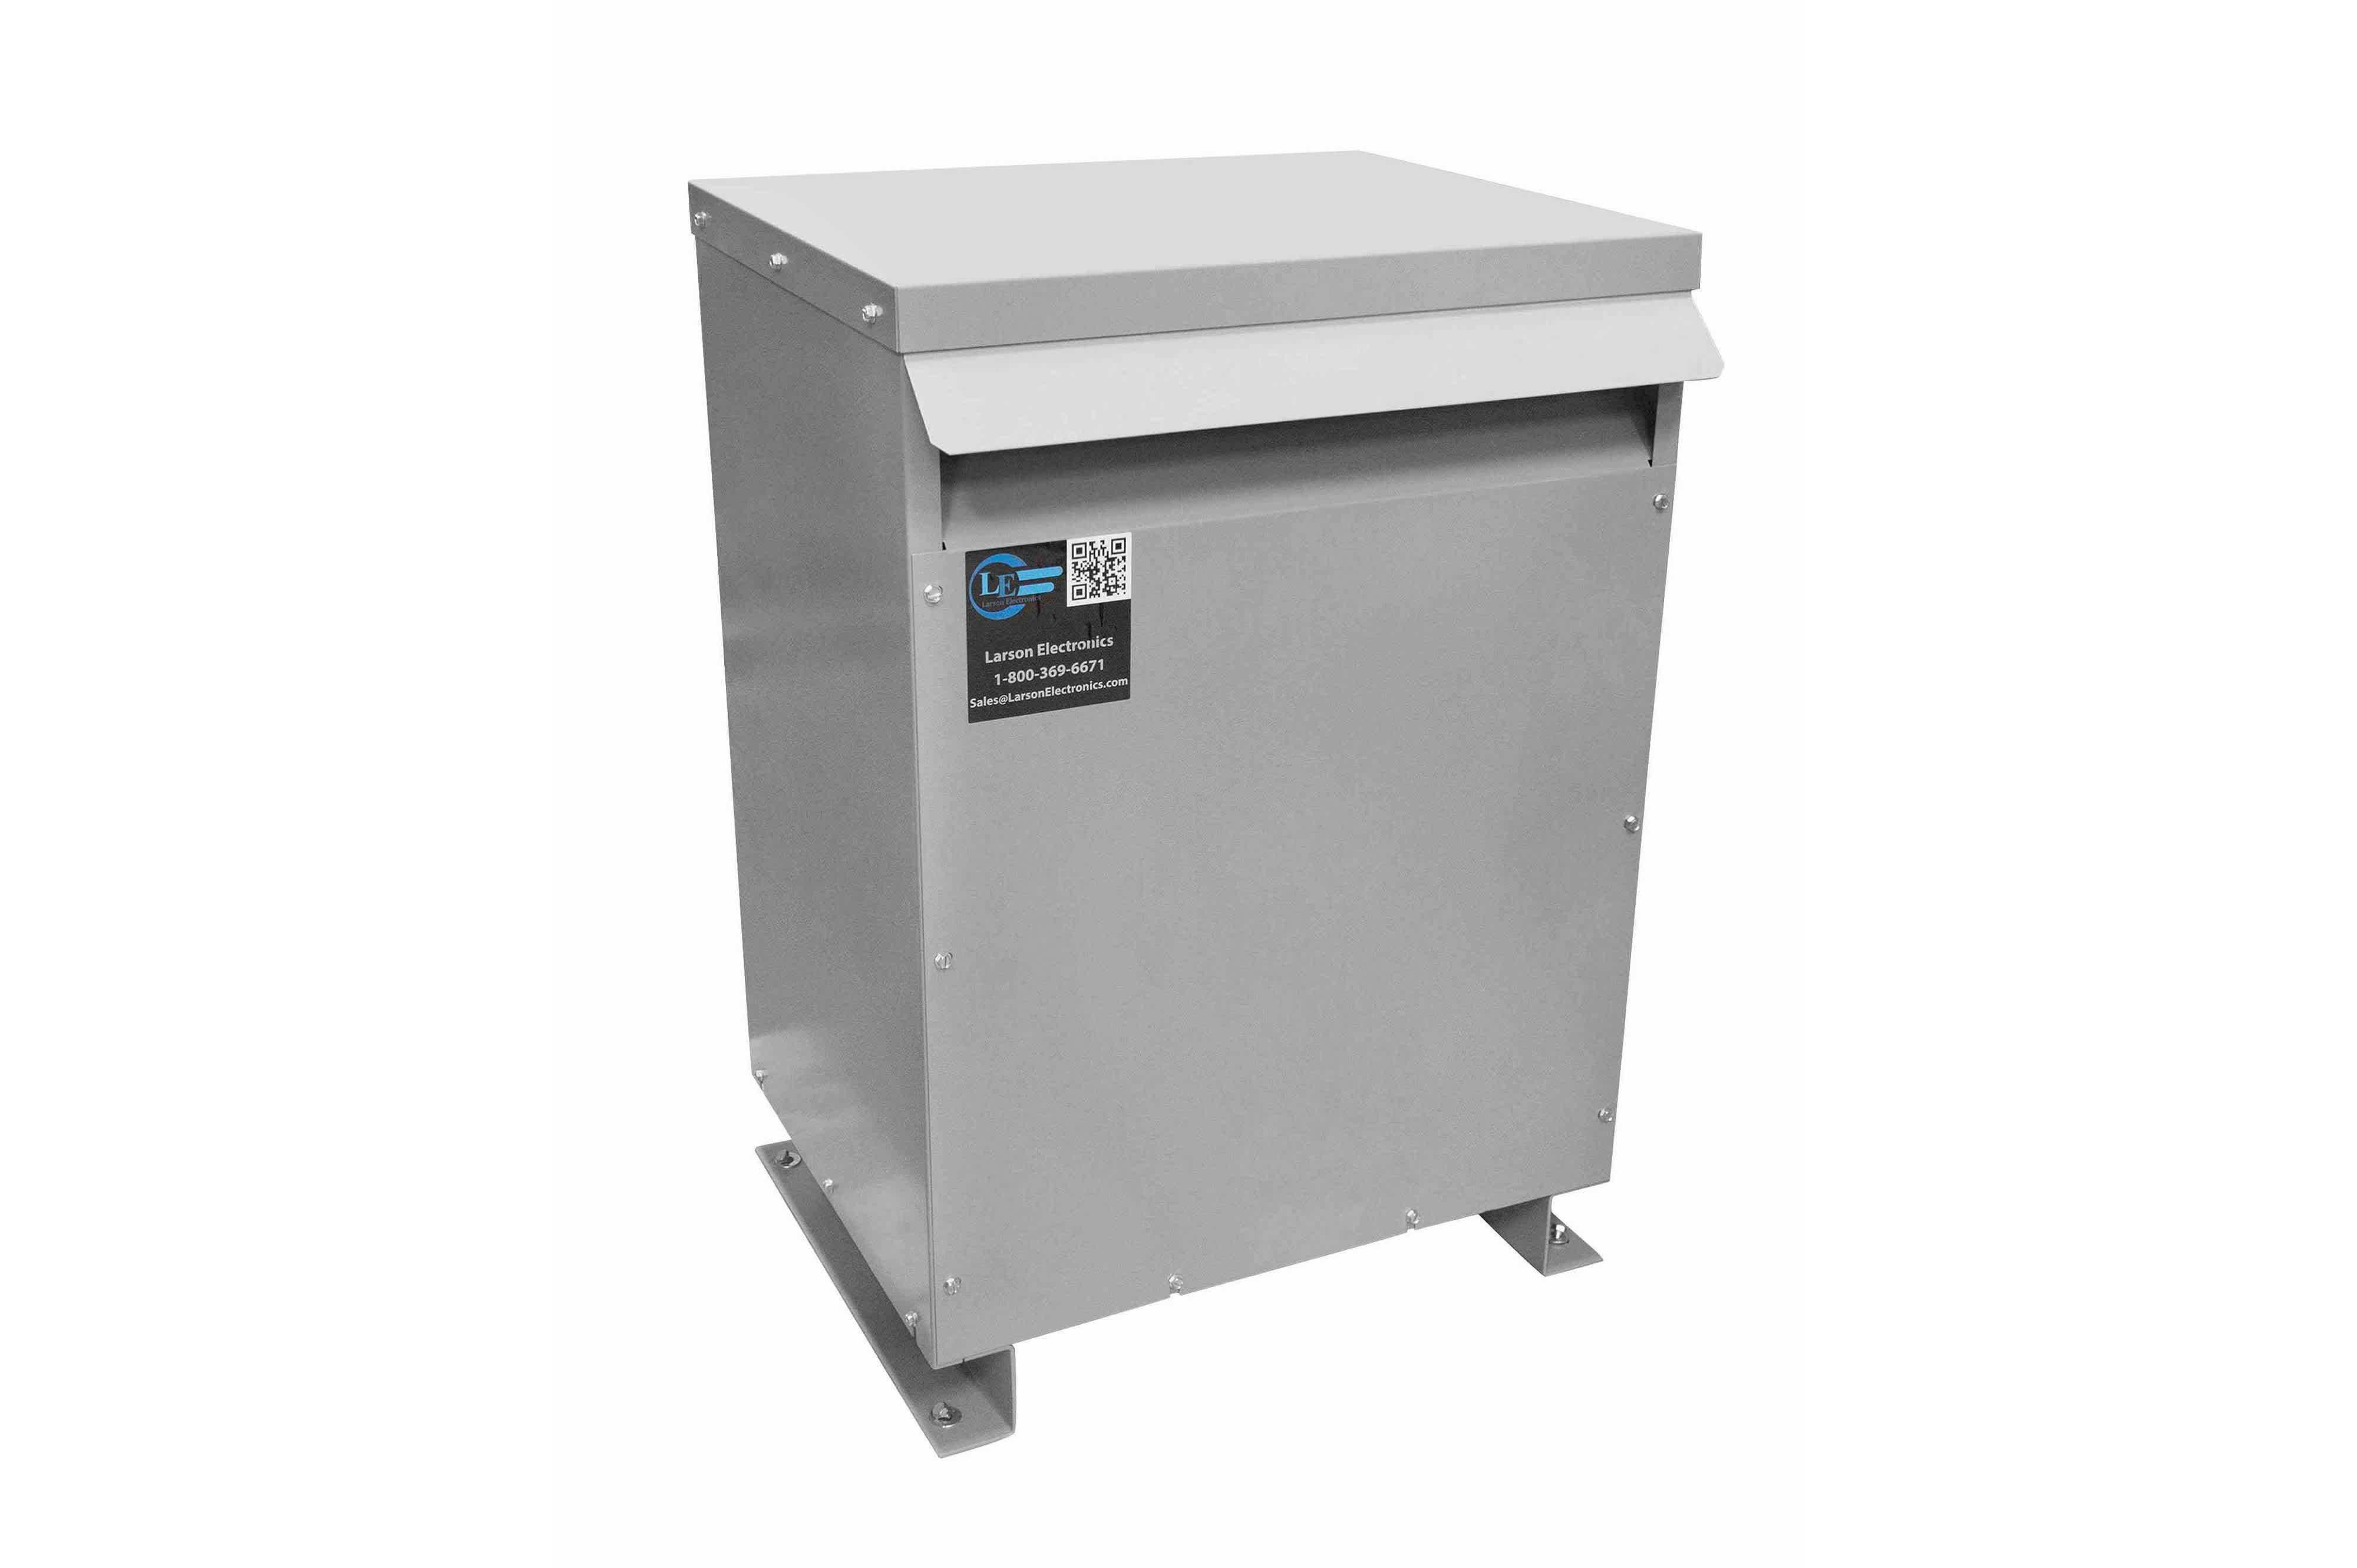 22.5 kVA 3PH Isolation Transformer, 600V Delta Primary, 415V Delta Secondary, N3R, Ventilated, 60 Hz